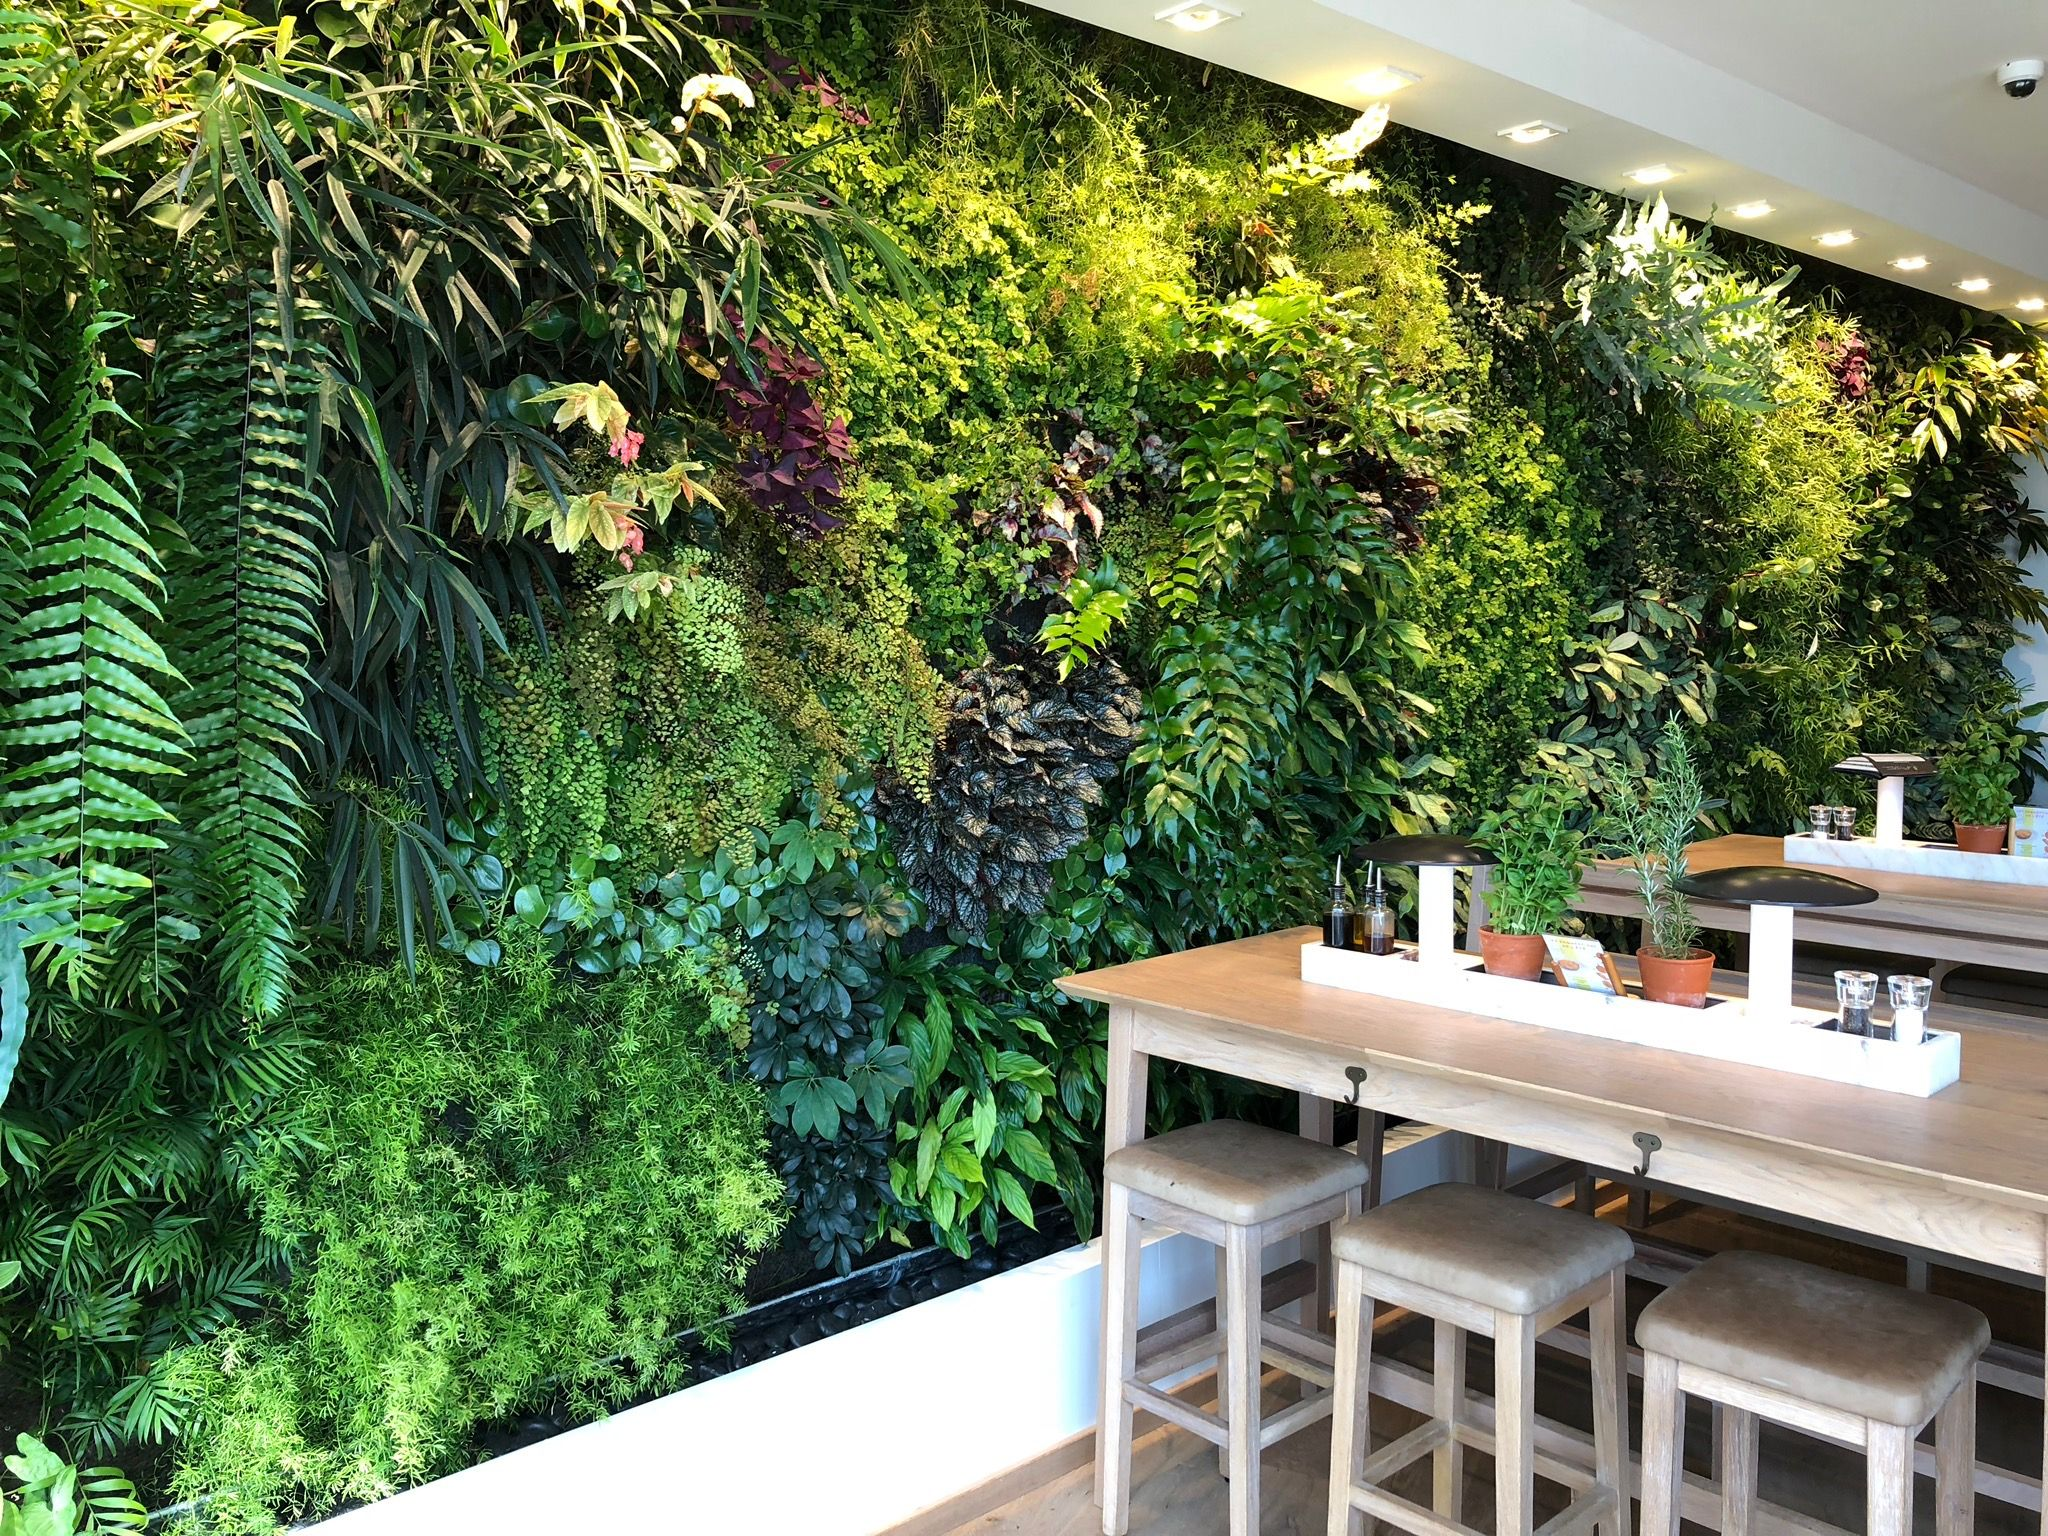 Mur Végétal Extérieur Palette urban jungle, restaurant, décoration, mur végétal, plantes